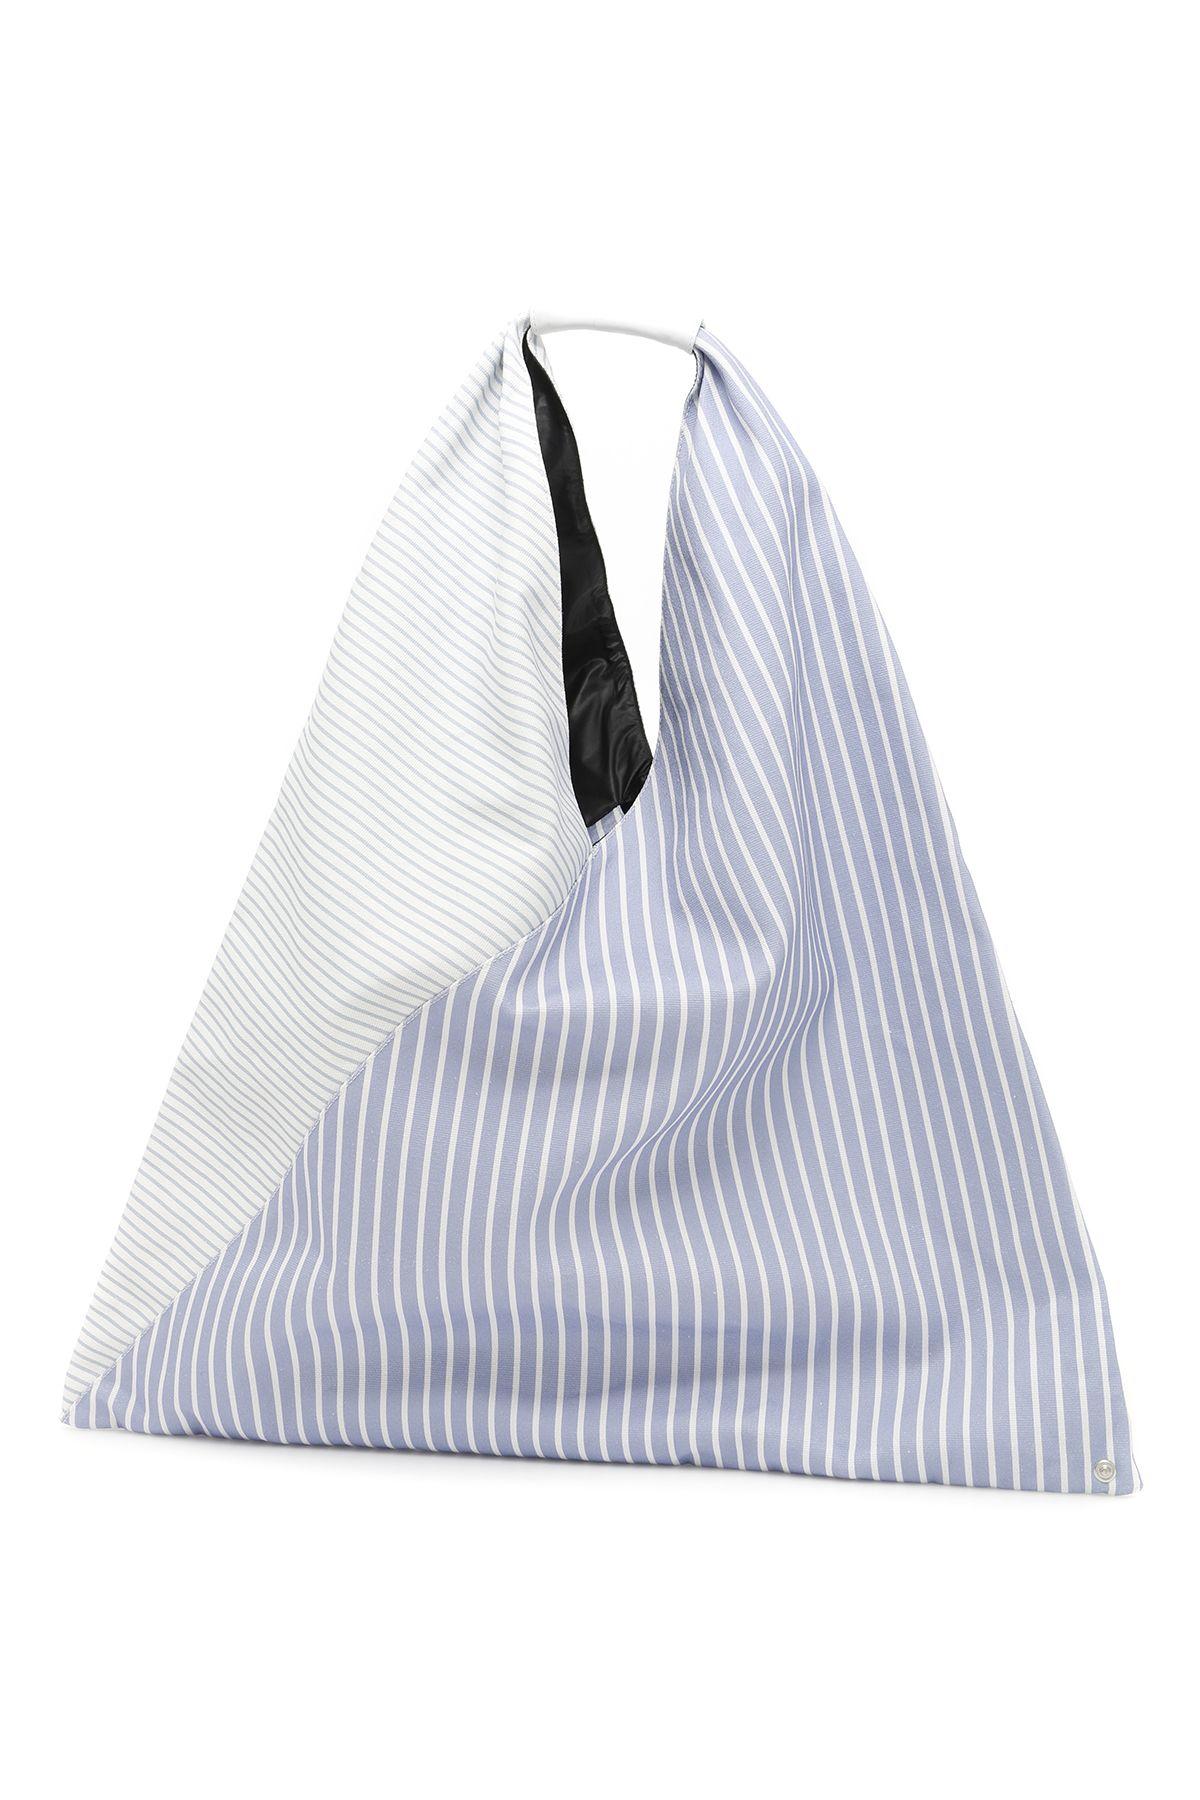 Japanese Shopper Bag